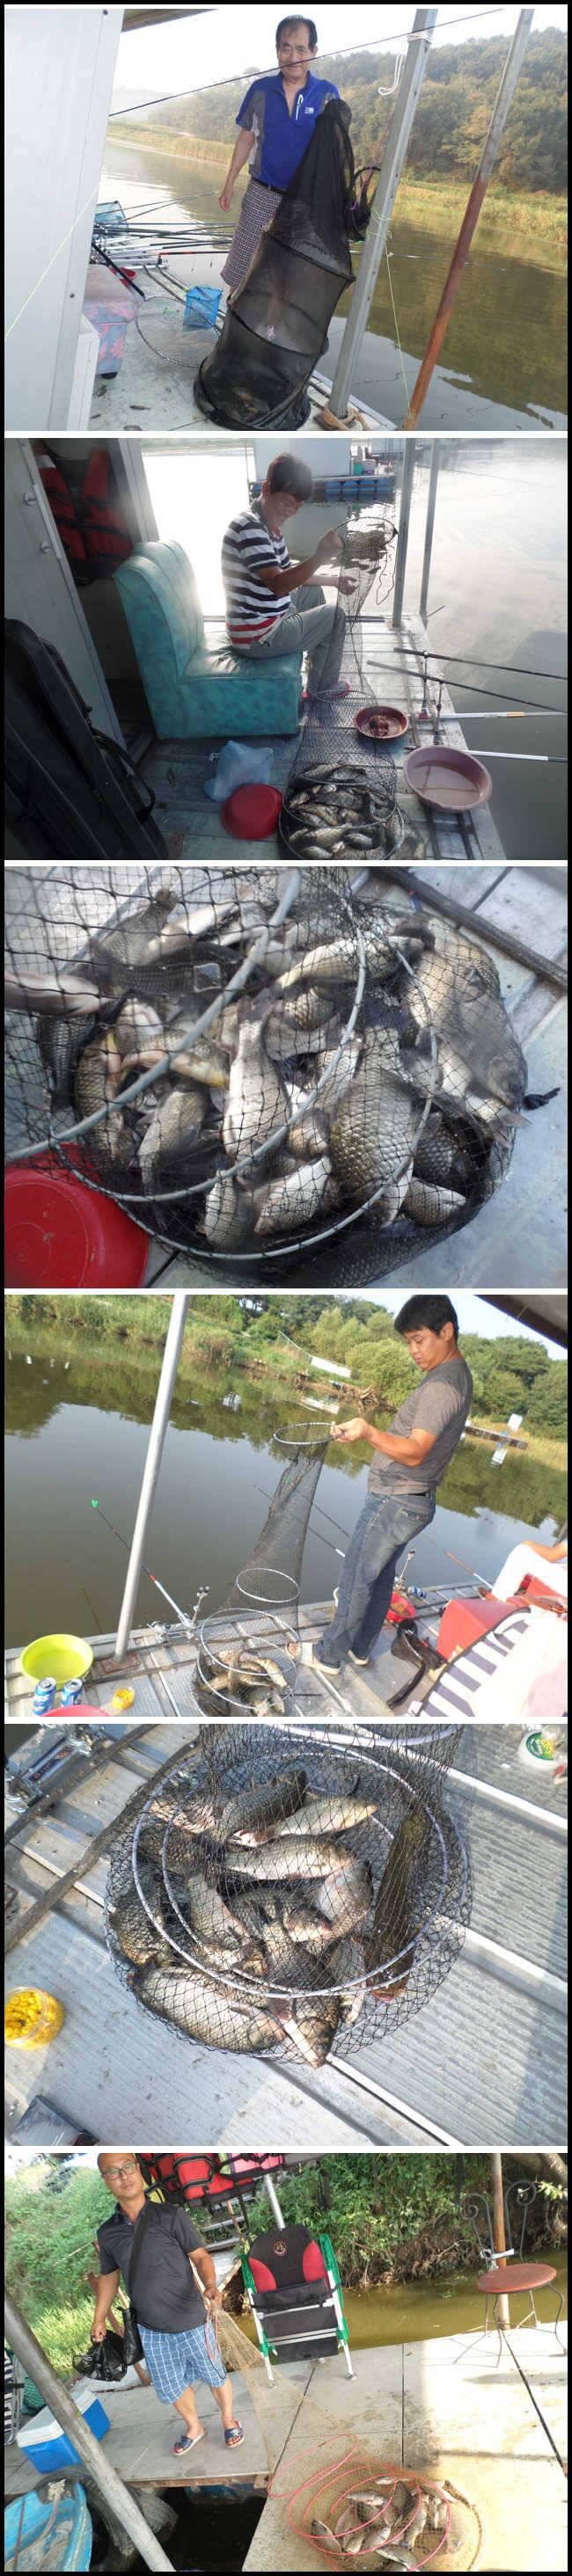 fish_pay_11035818.jpg